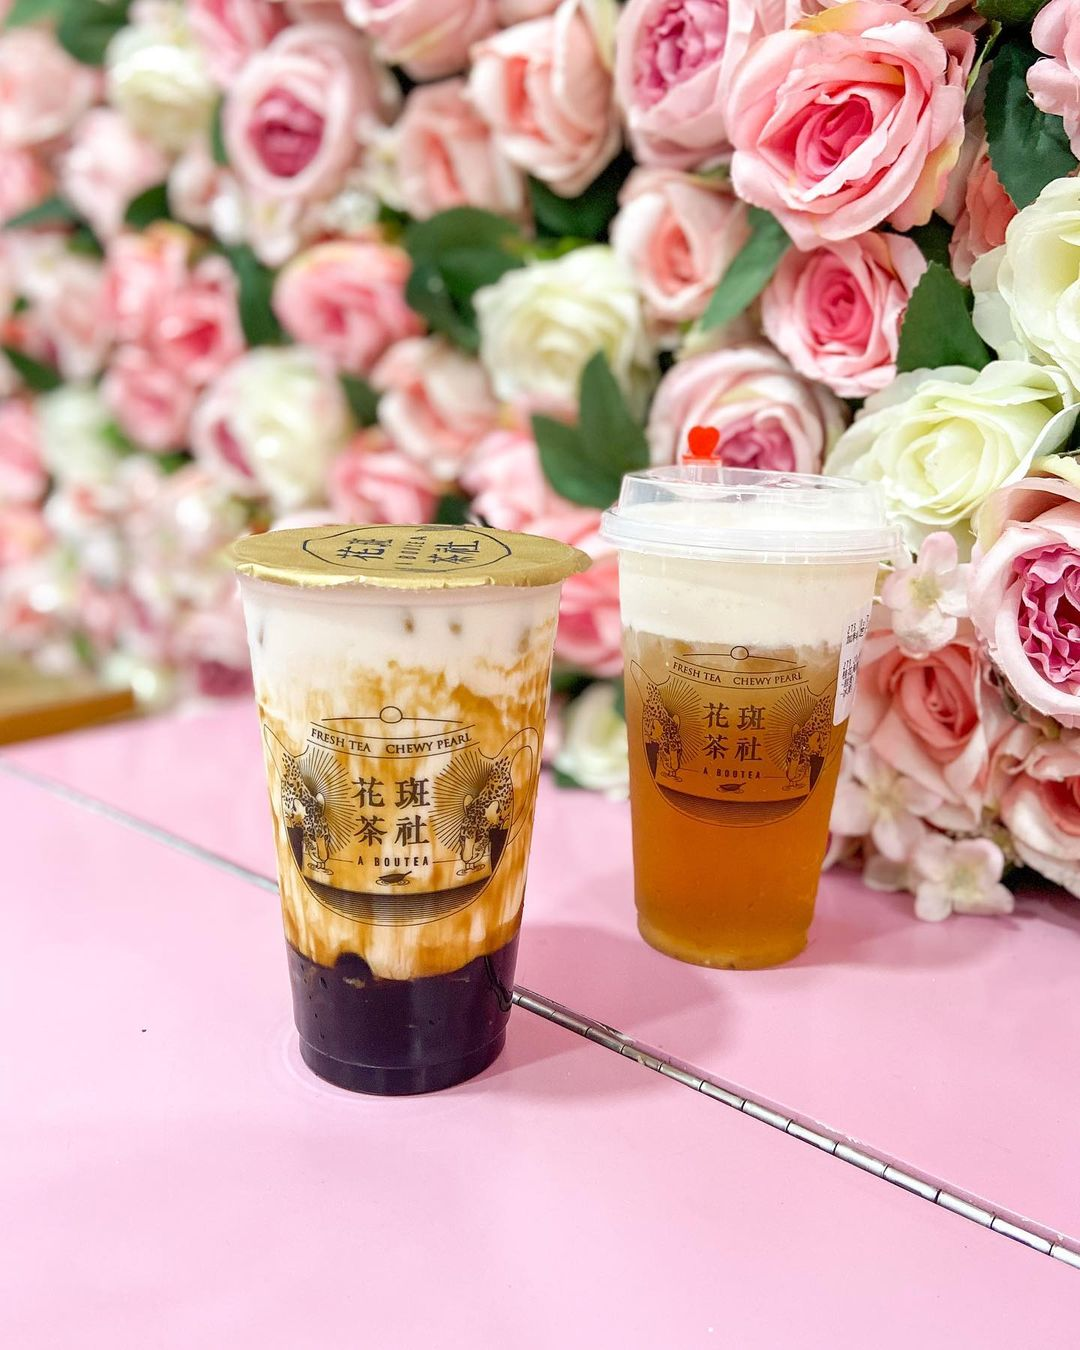 黑糖珍珠岩鹽厚鮮奶(左)、桂花烏龍加芝士奶蓋